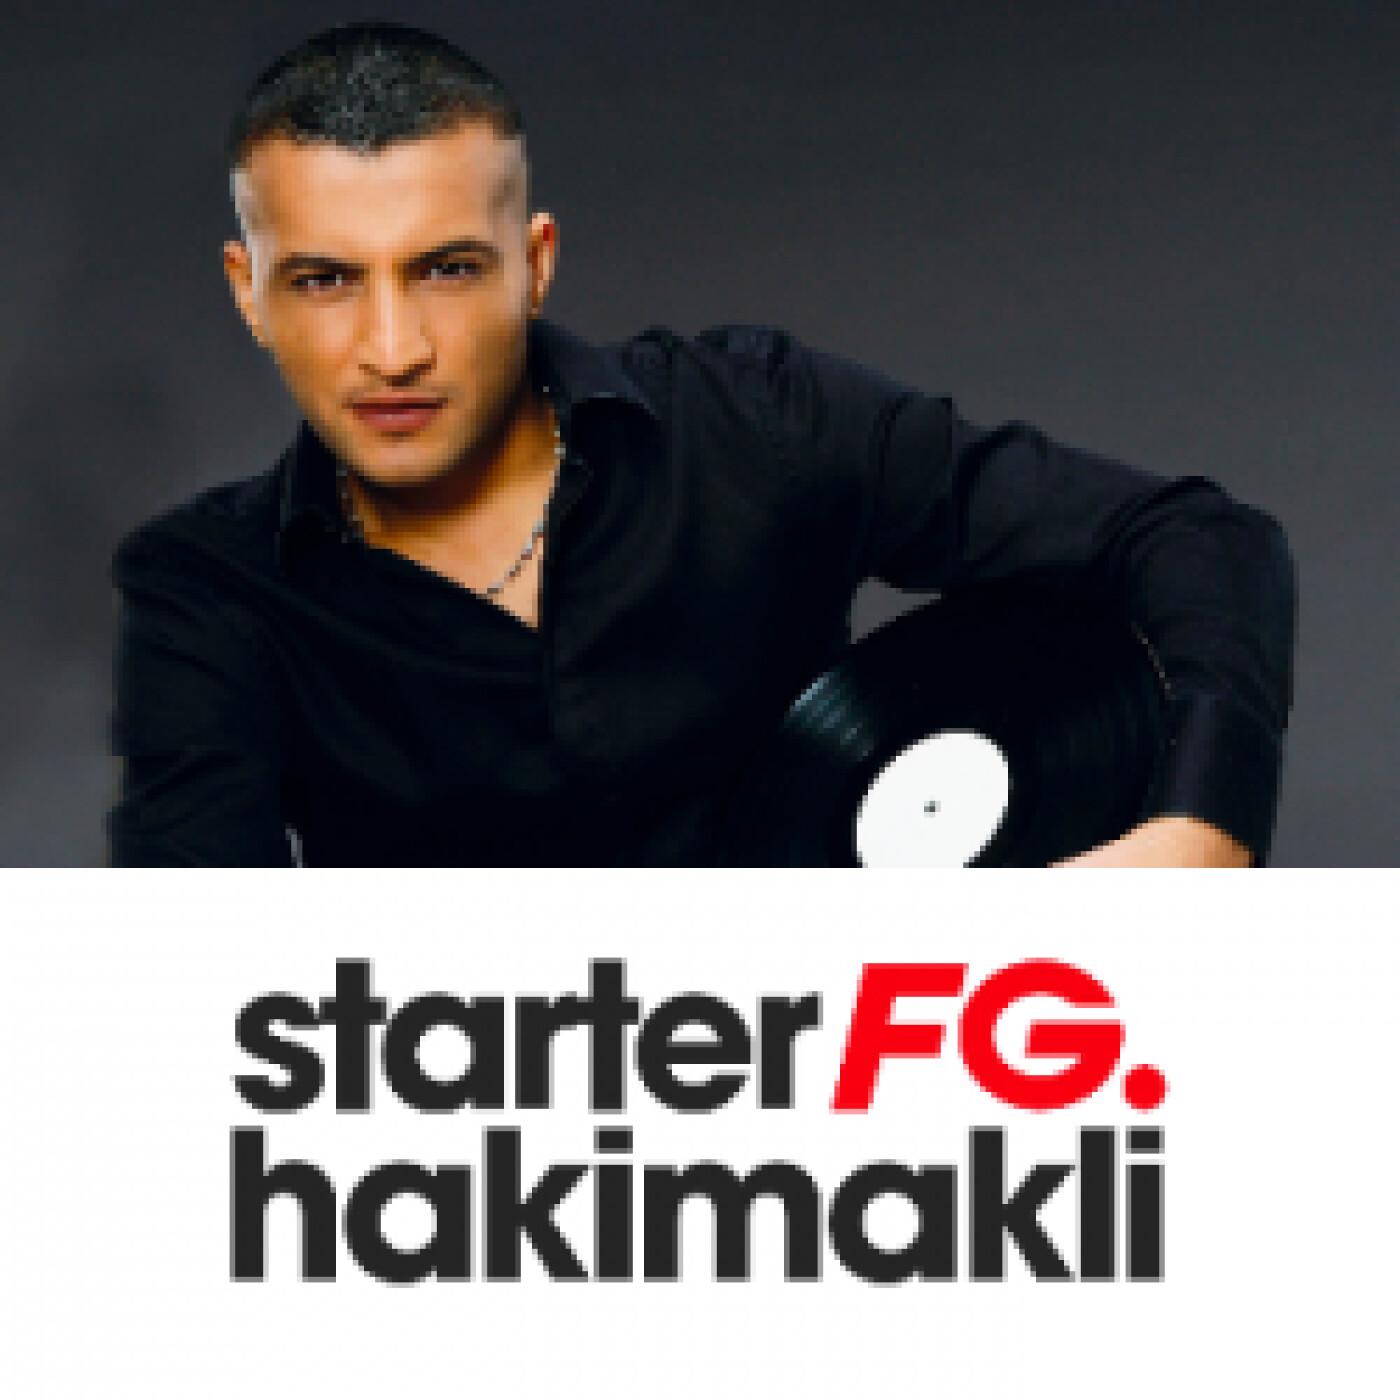 STARTER FG BY HAKIMAKLI JEUDI 29 AVRIL 2021